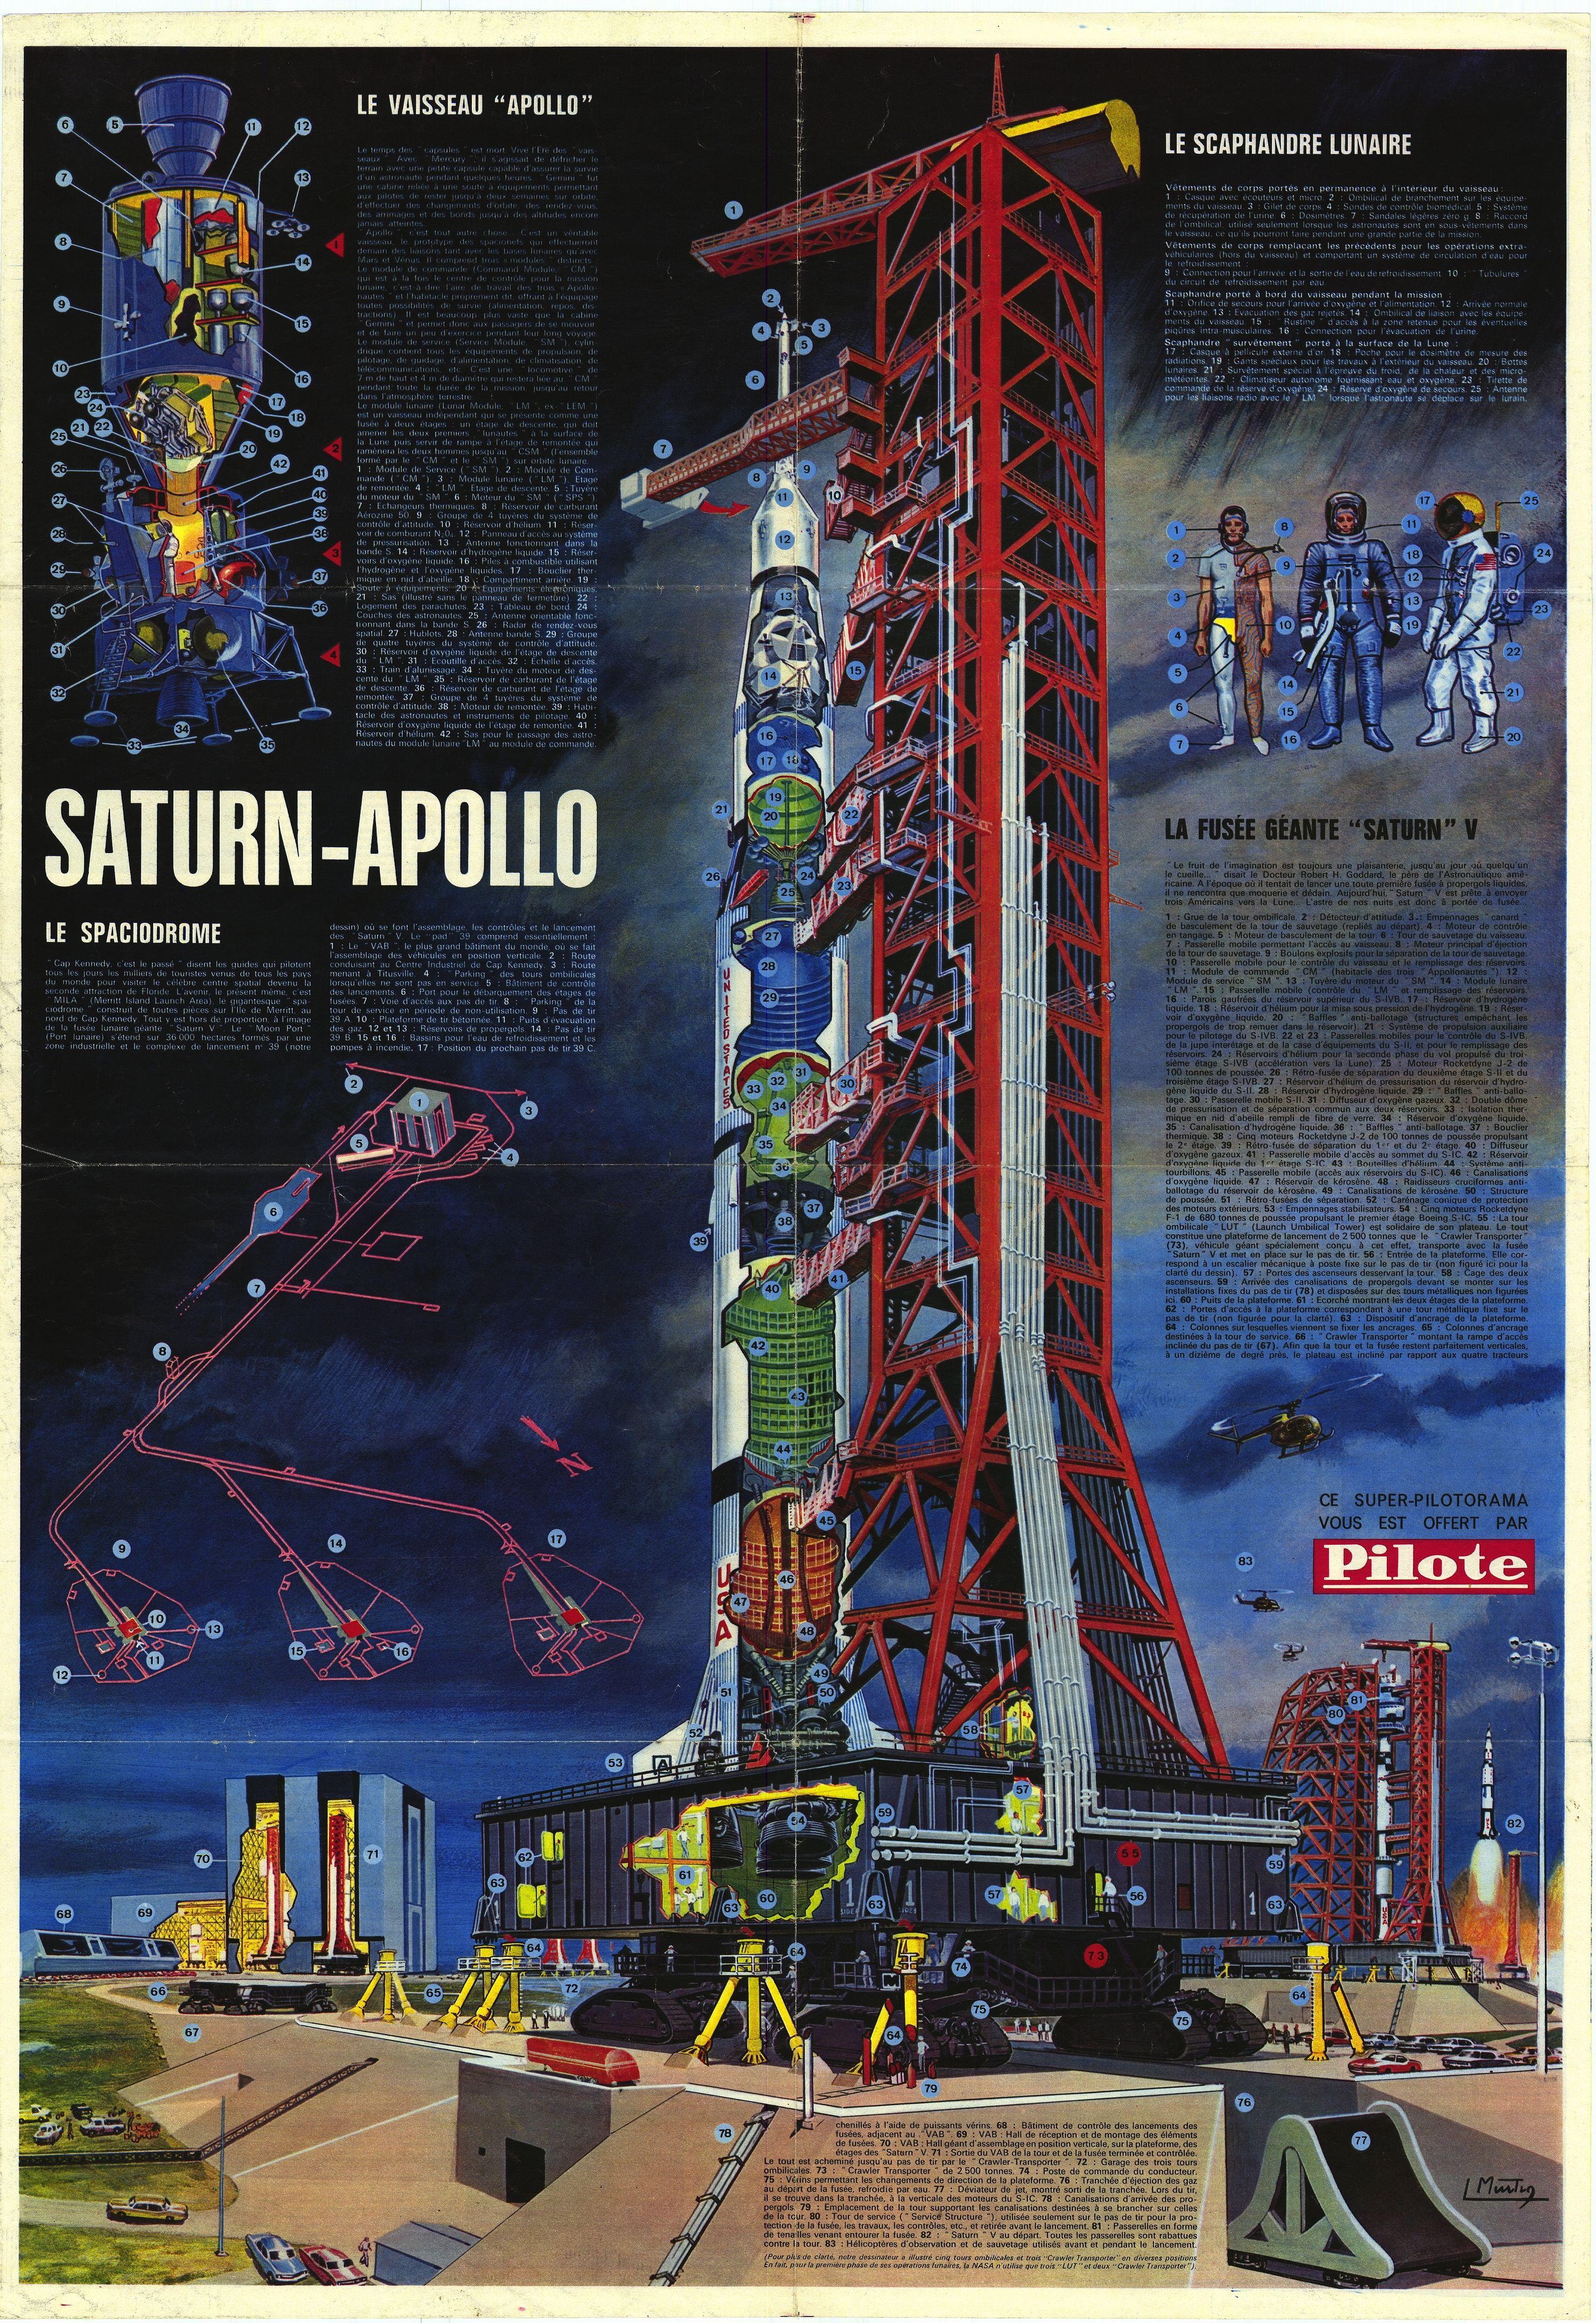 pre apollo space program - photo #22